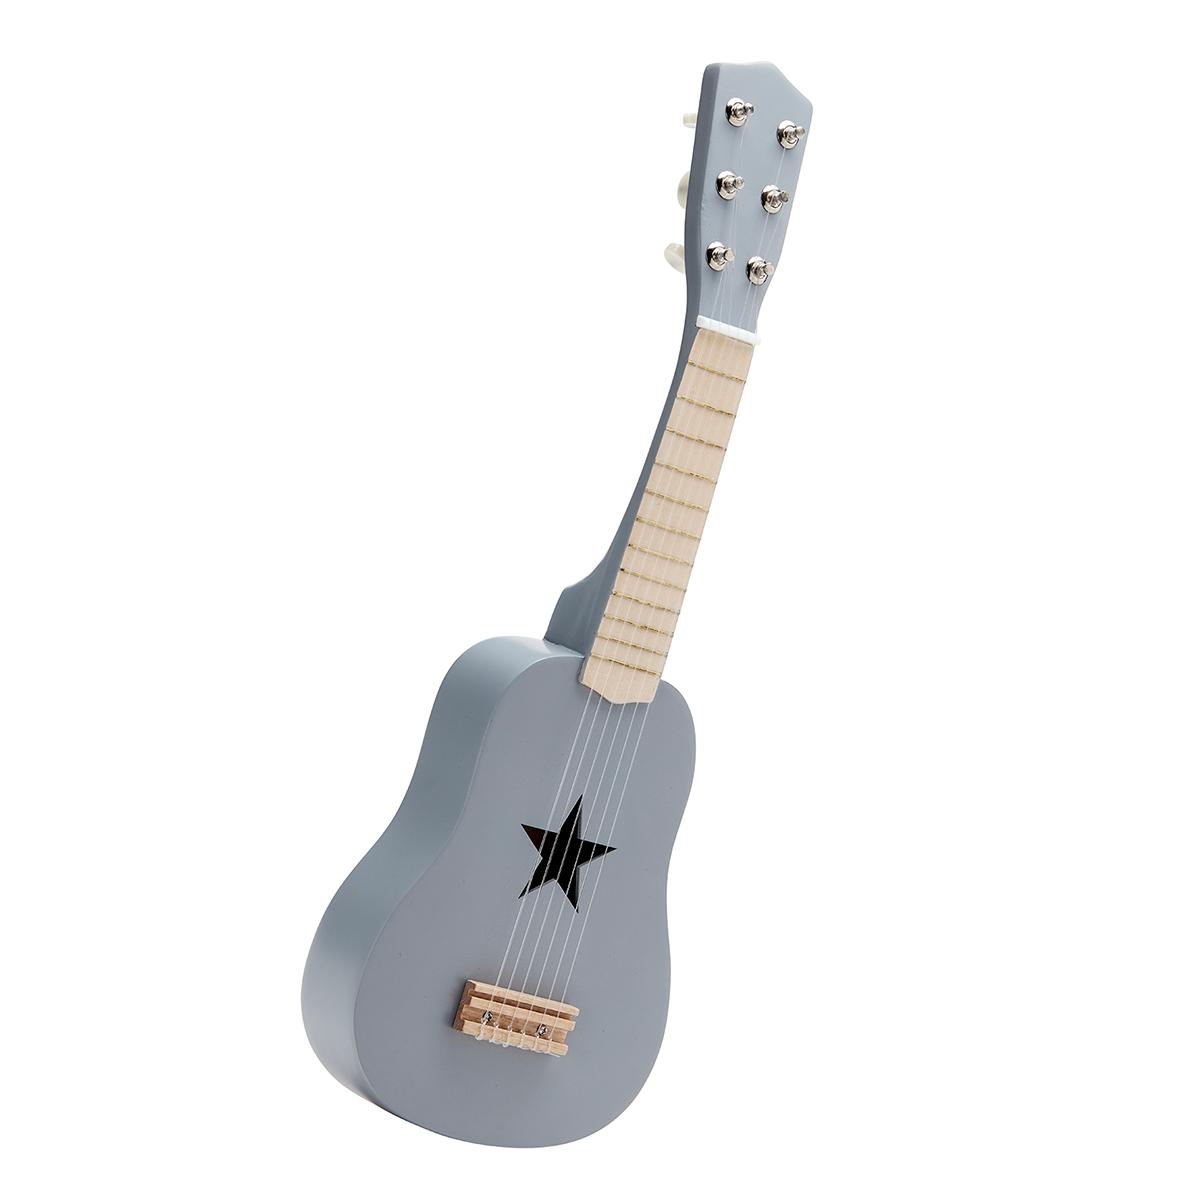 Billede af Kids Concept guitar i træ - Grå